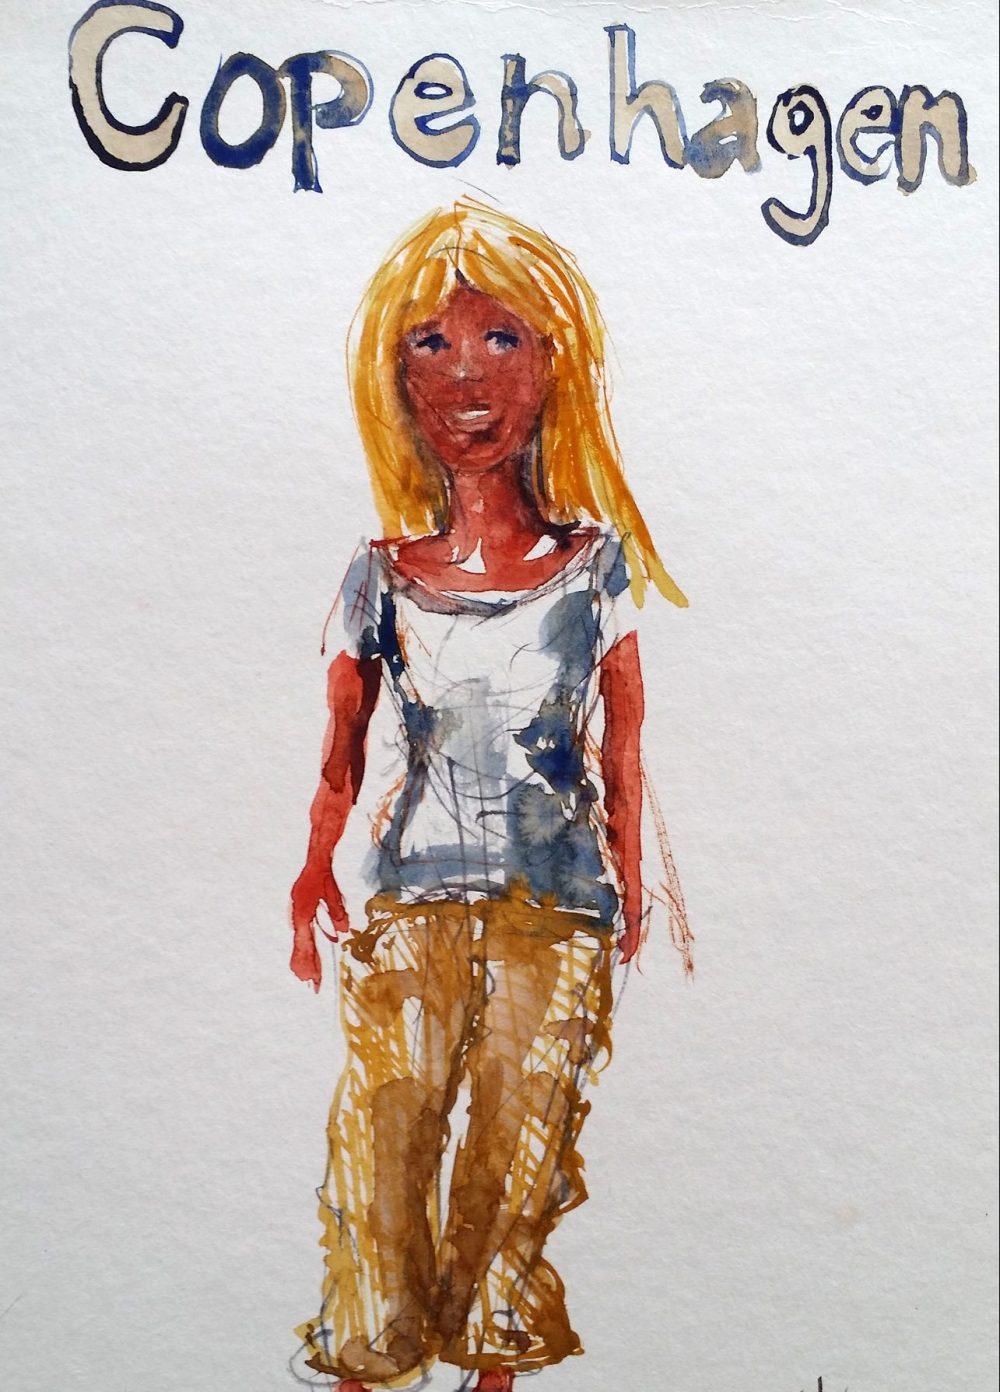 Sketch of woman in Copenhagen